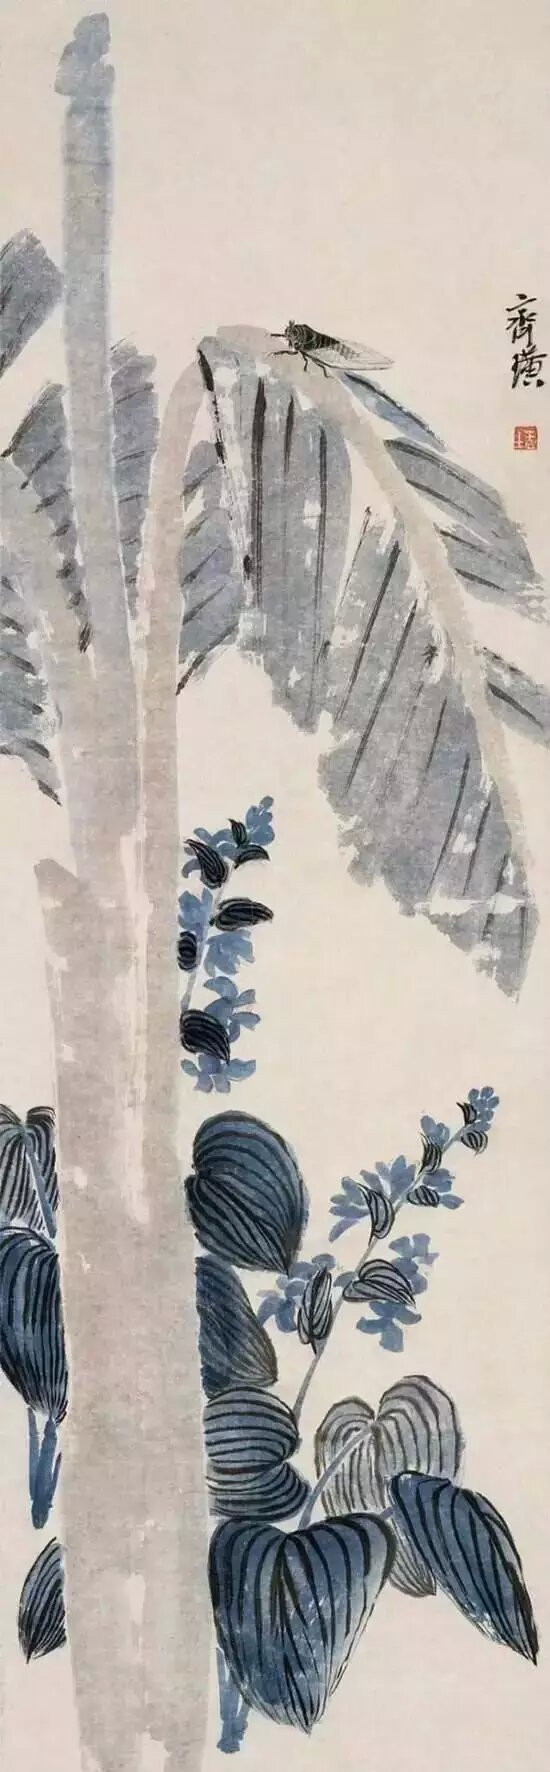 芭蕉鸣蝉图